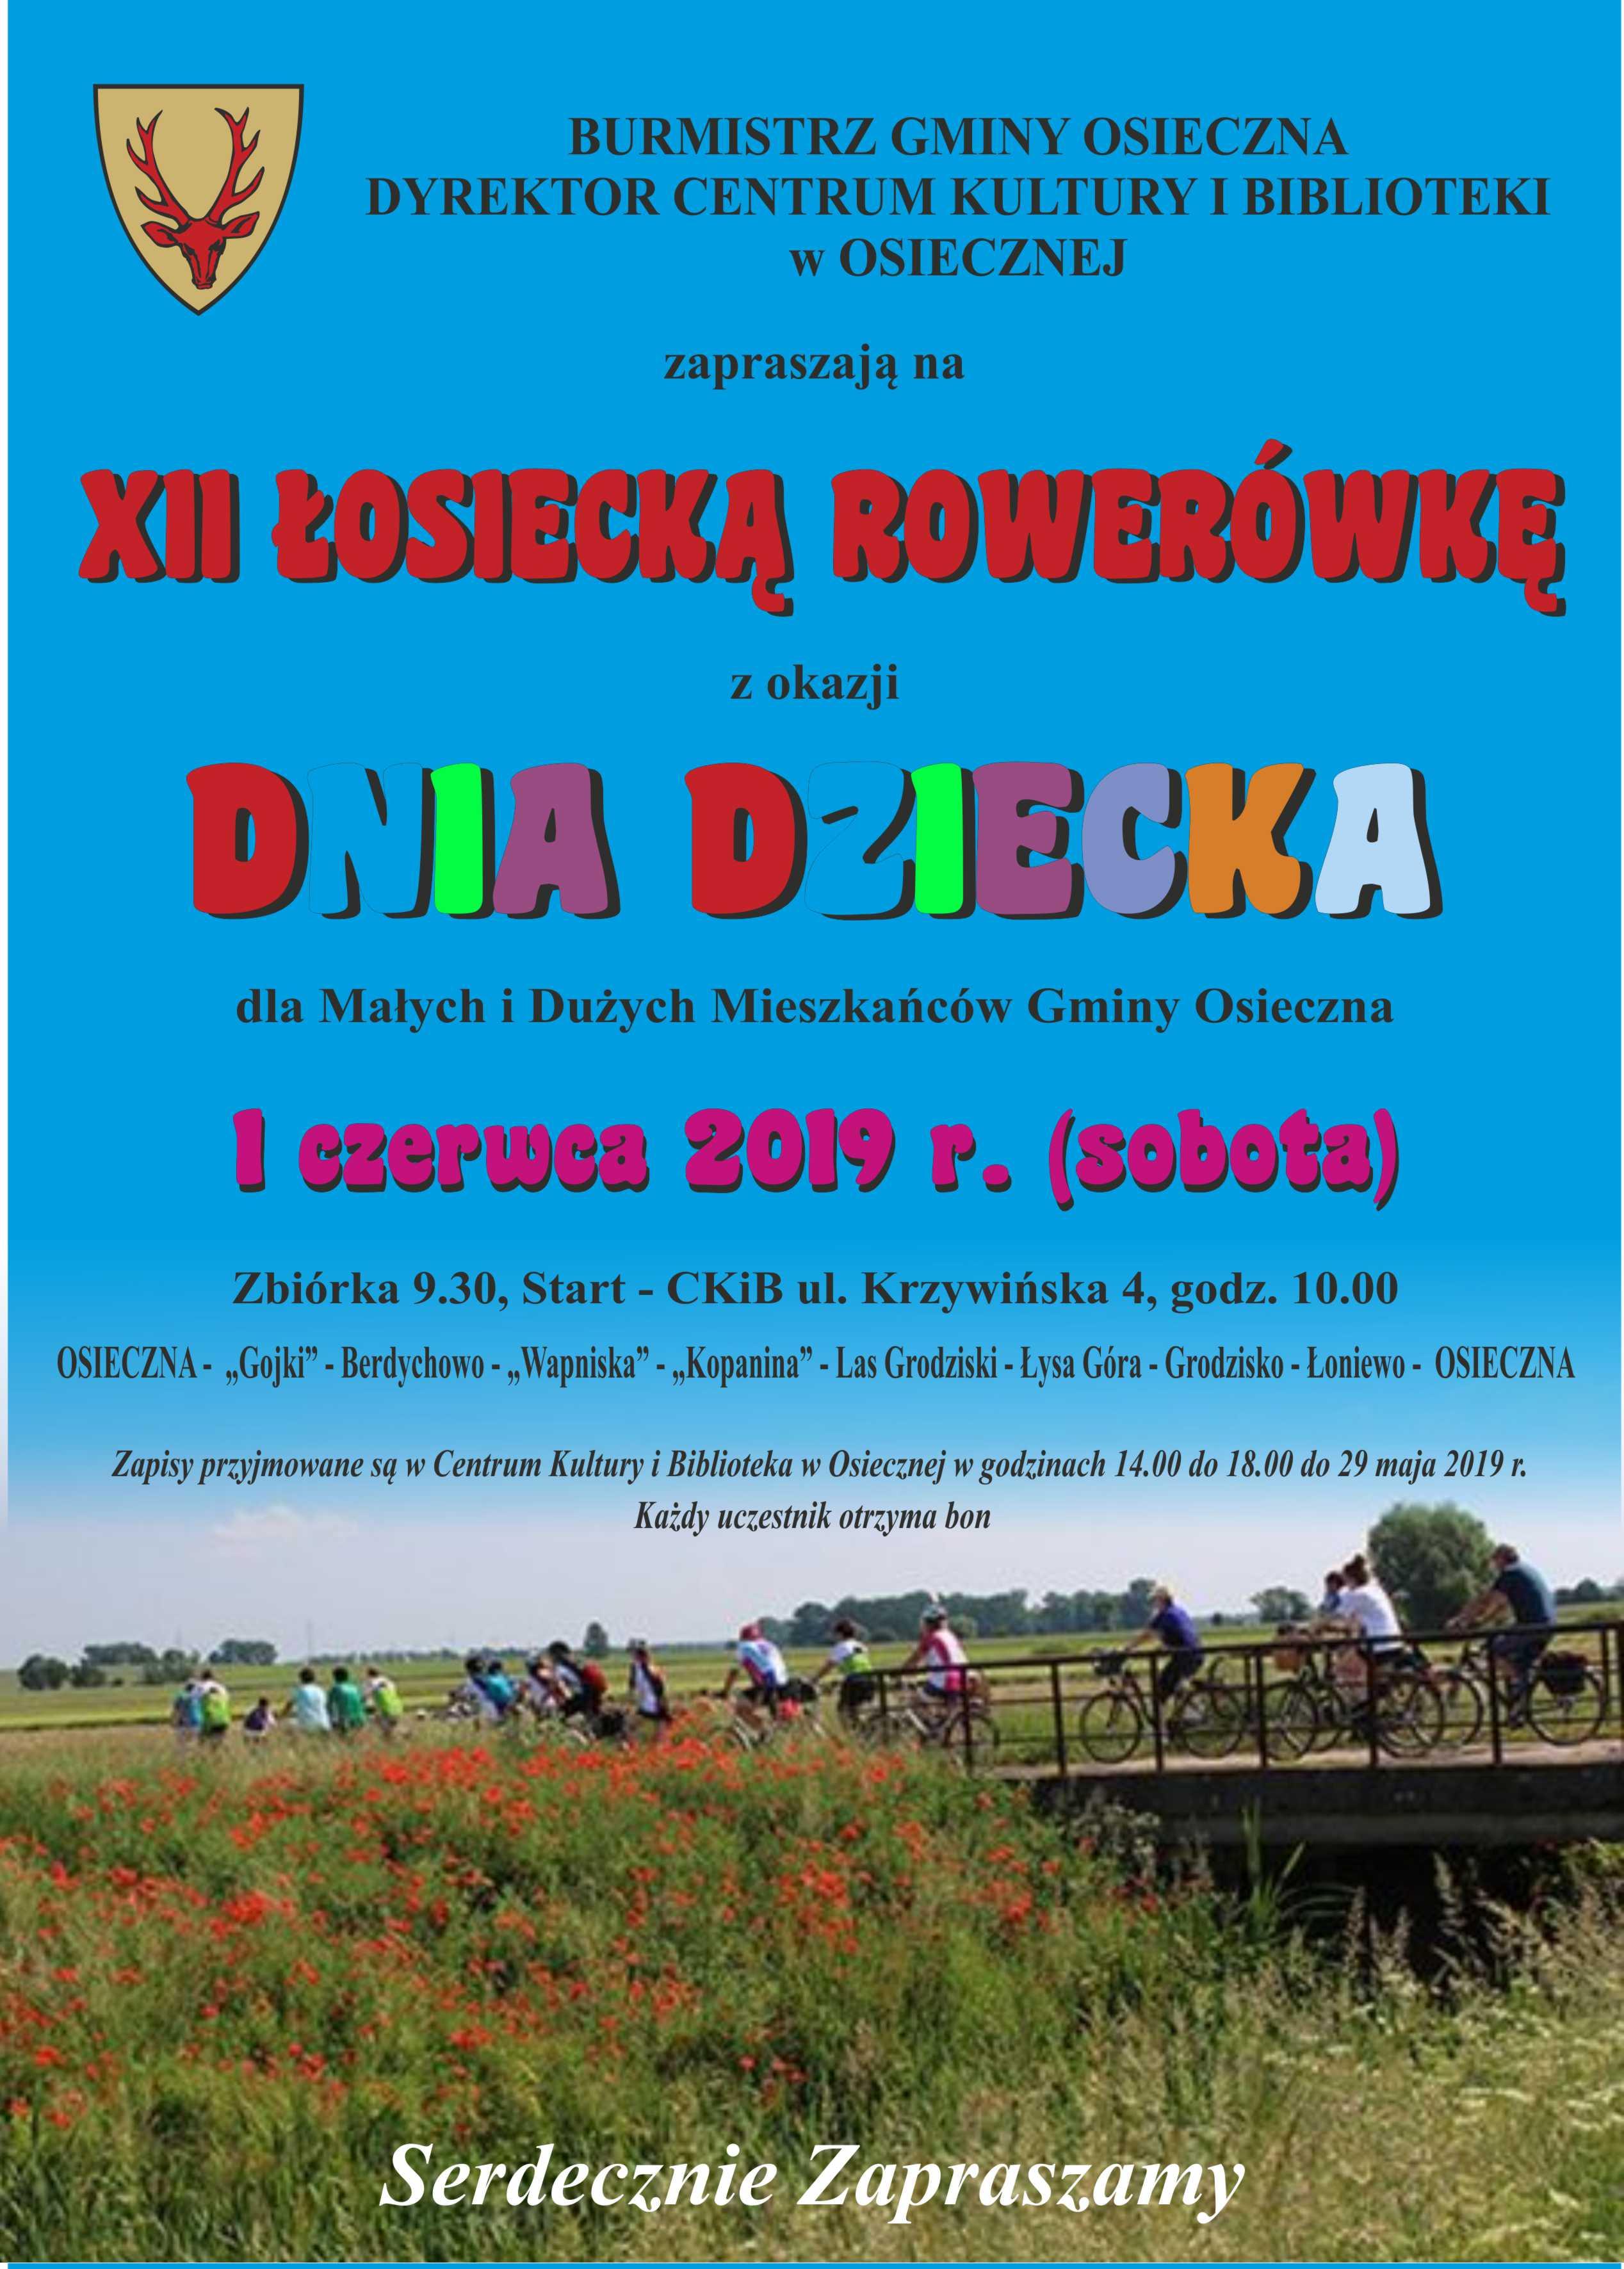 - osieczna_losiecka_rowerowka.jpg